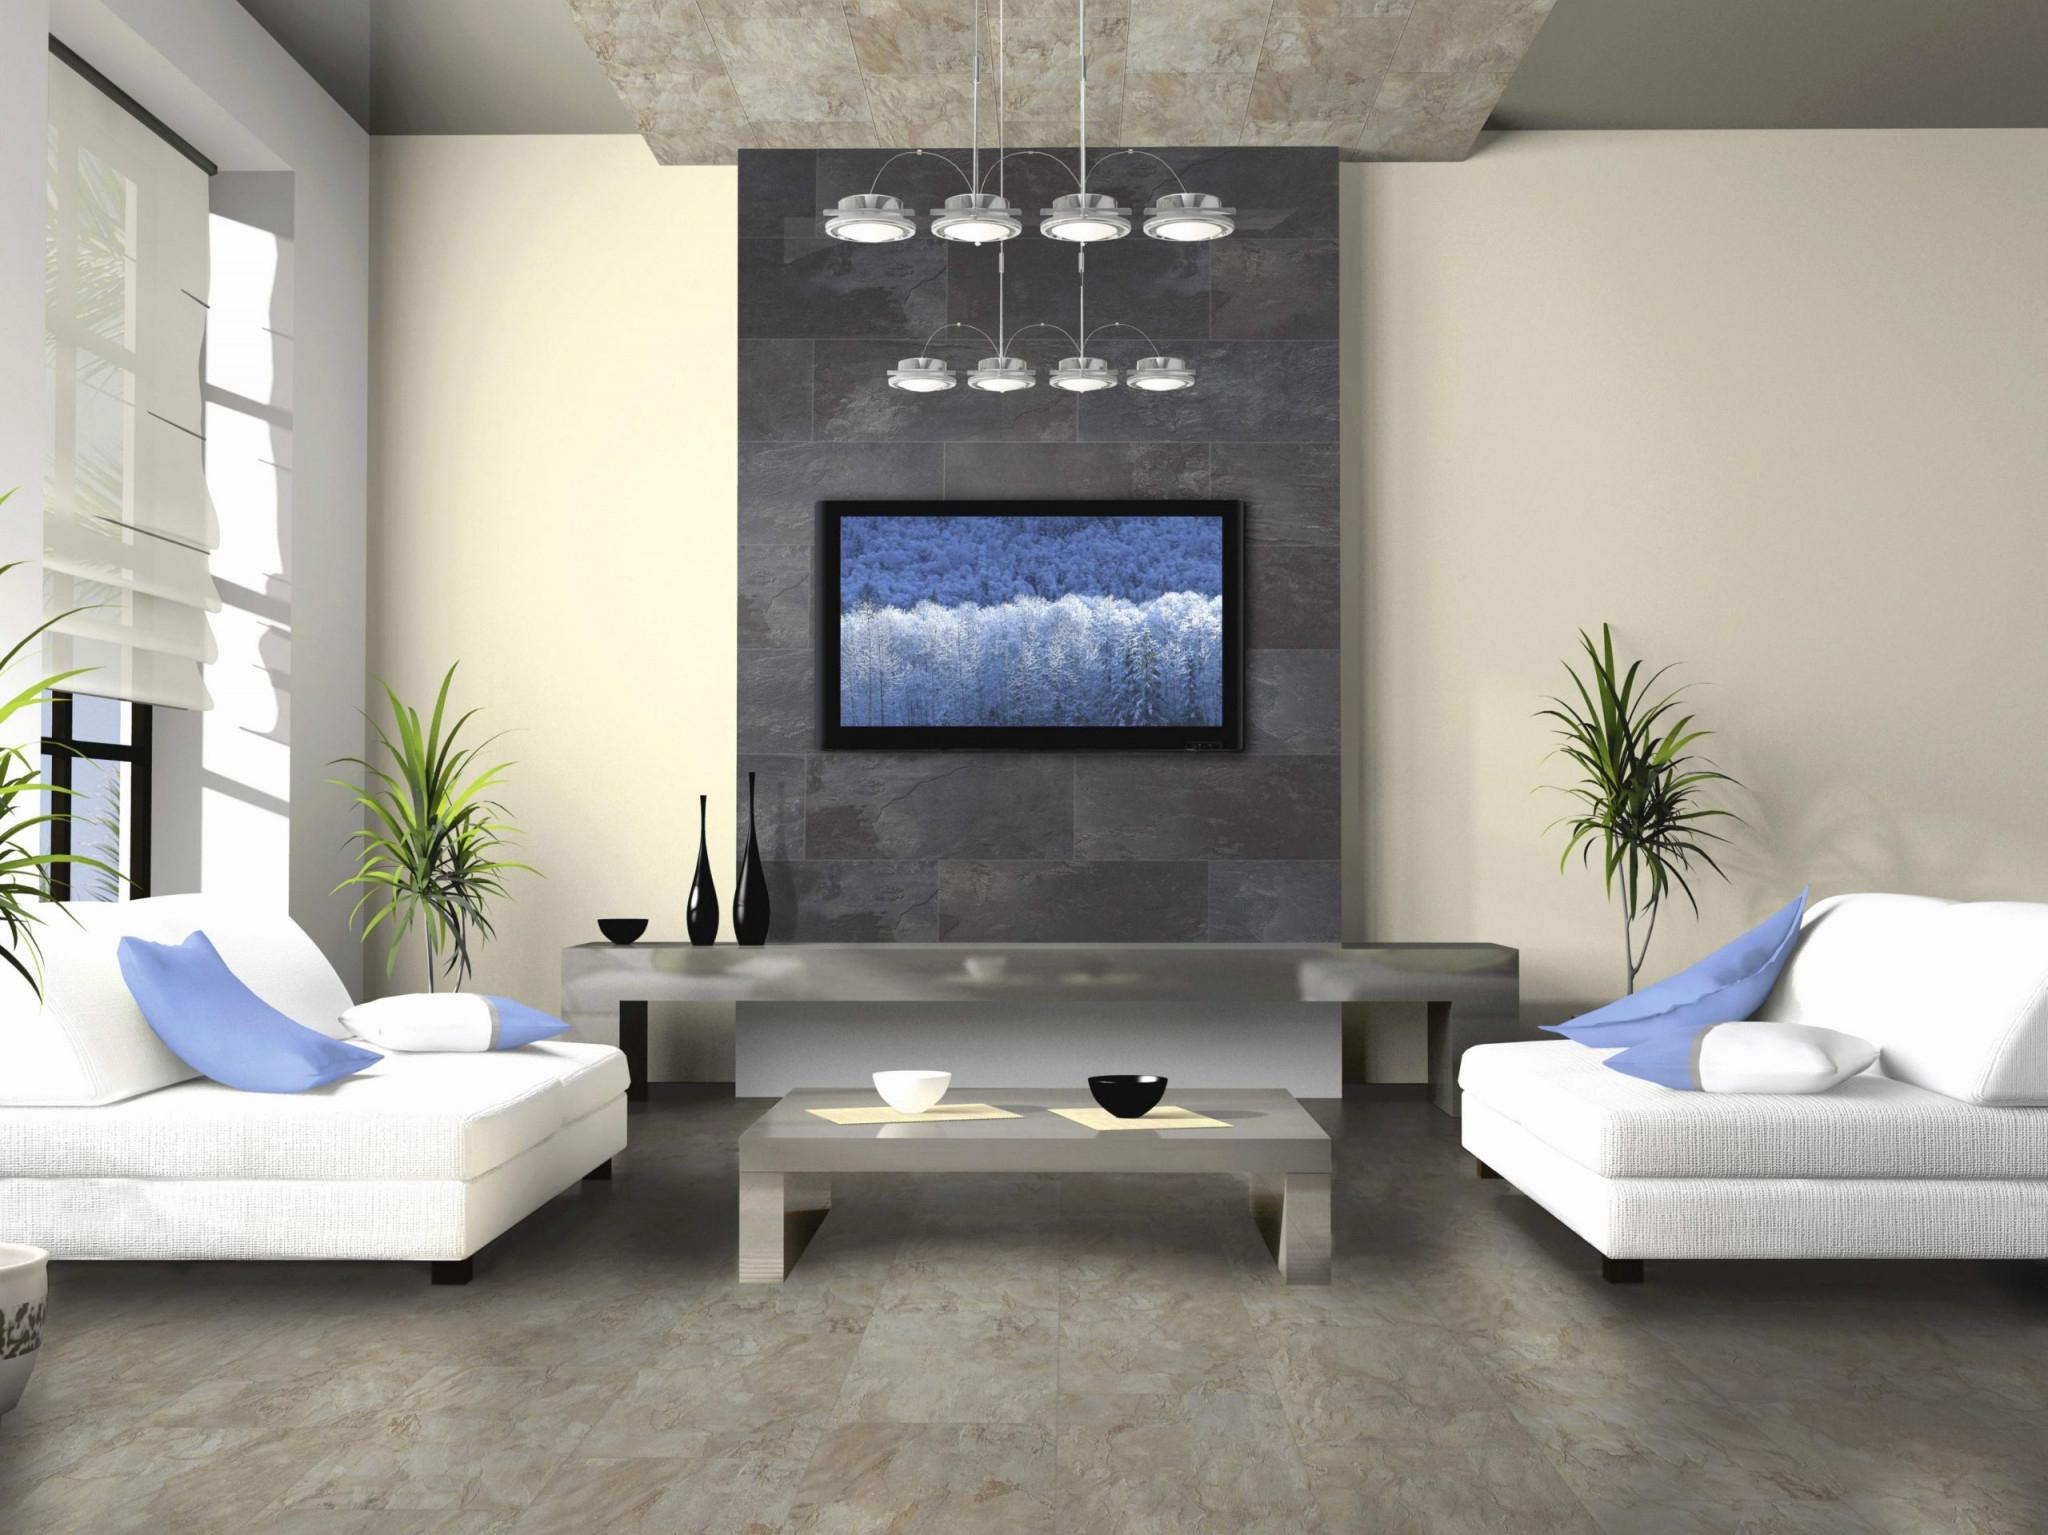 Gestaltung Wohnzimmer Das Beste Von Deko Ideen von Gestaltung Wohnzimmer Ideen Photo